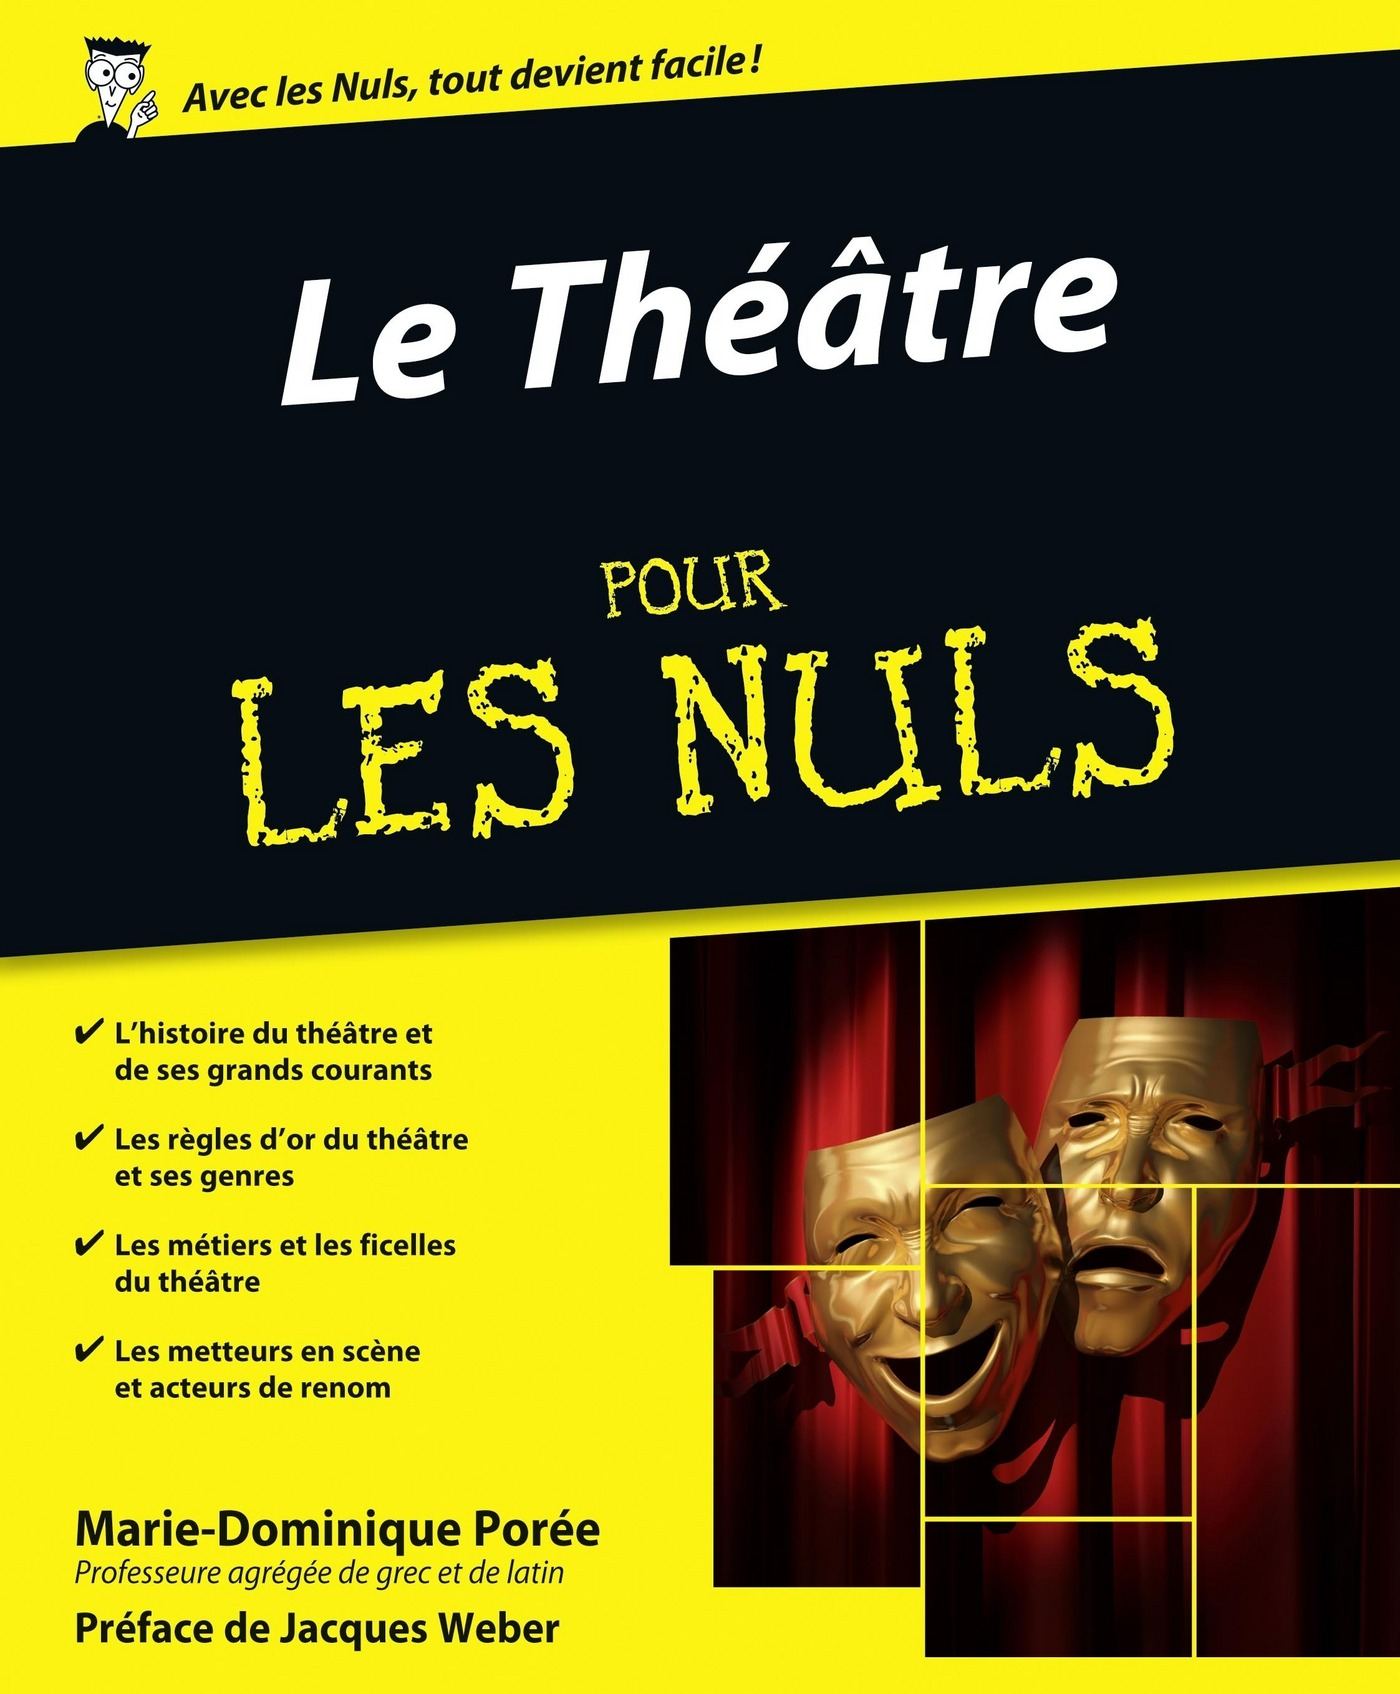 Le Latin Pour Les Nuls : latin, Theatre, Marie-Dominique, Porée, Leslibraires.ca